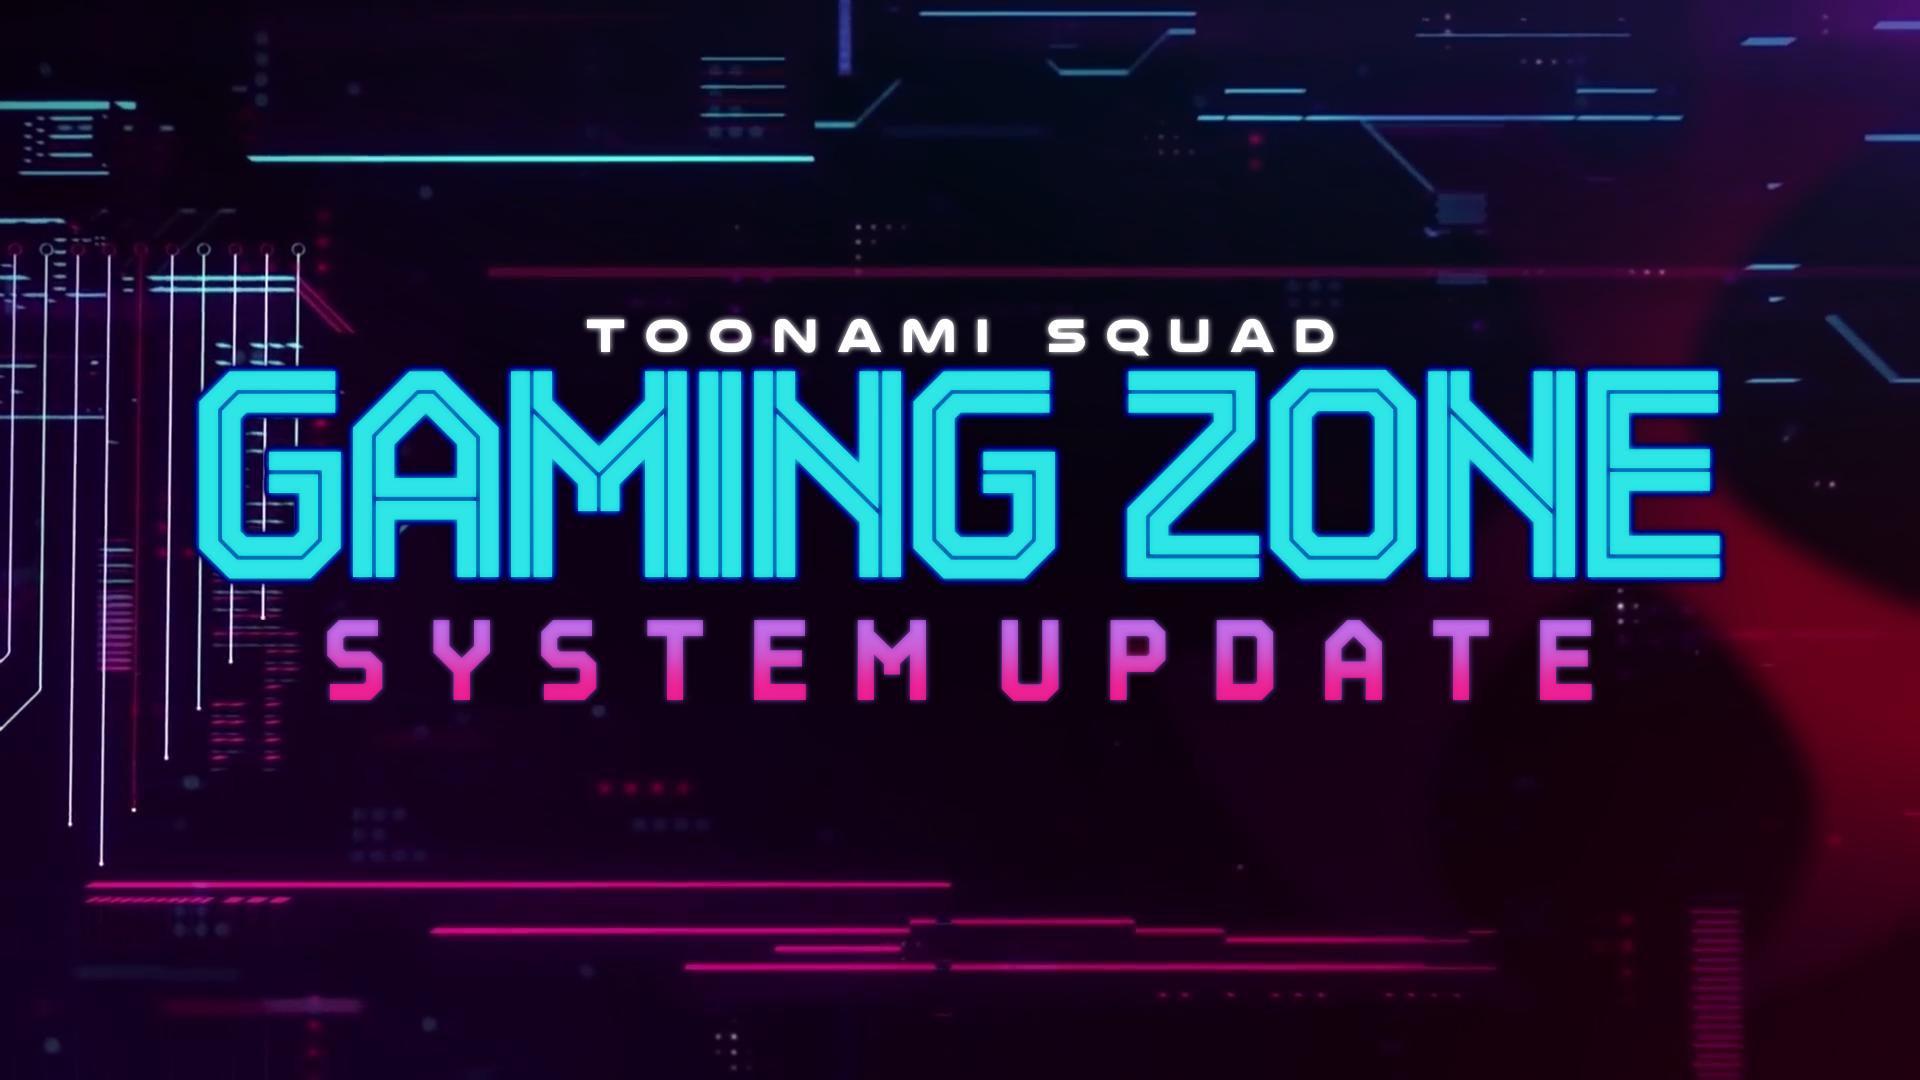 Toonami Squad Gaming Zone System Update 1/10